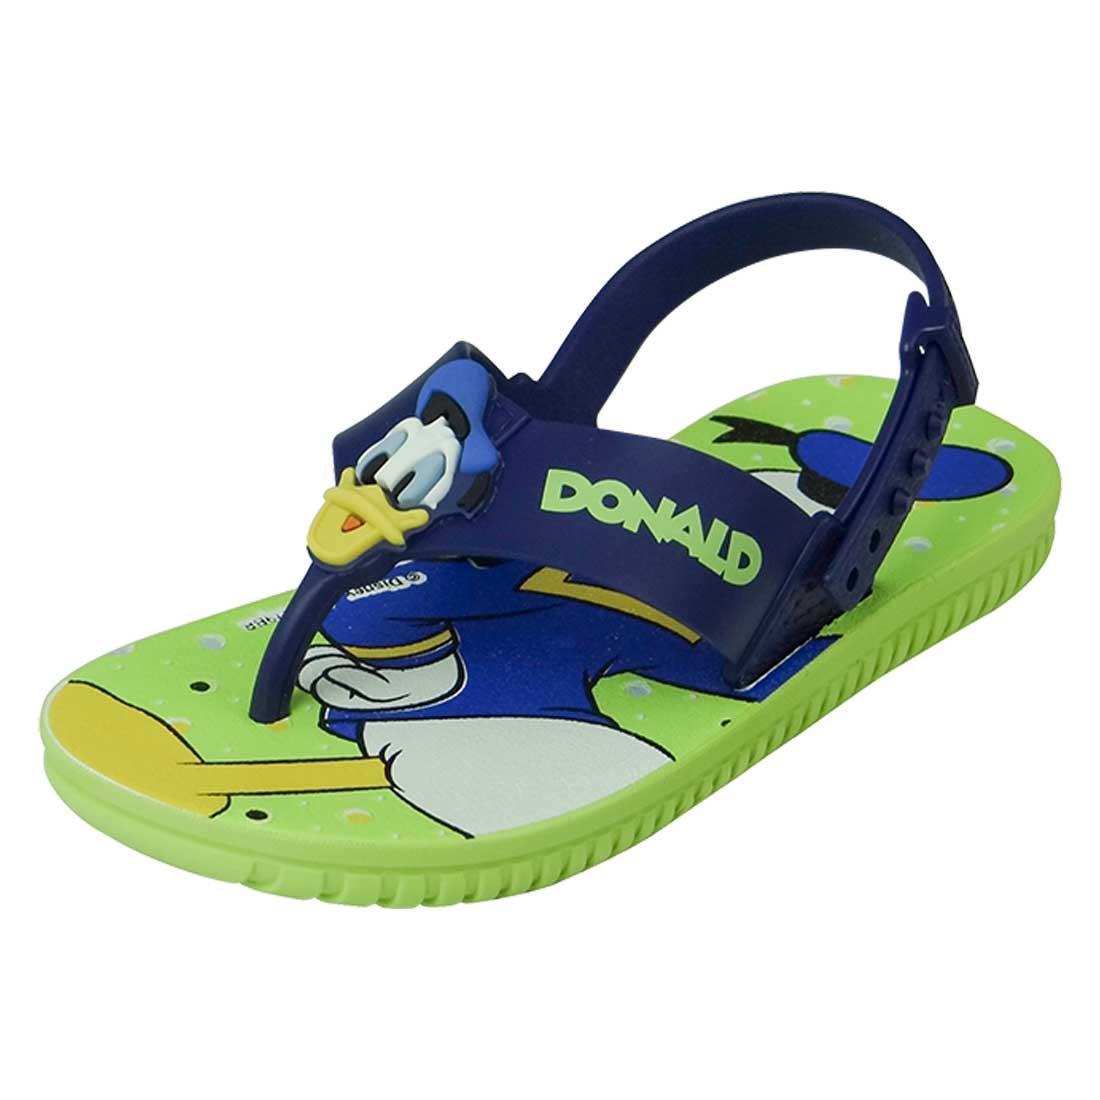 Sandália Baby Disney Friend Pato Donald - Verde e Azul